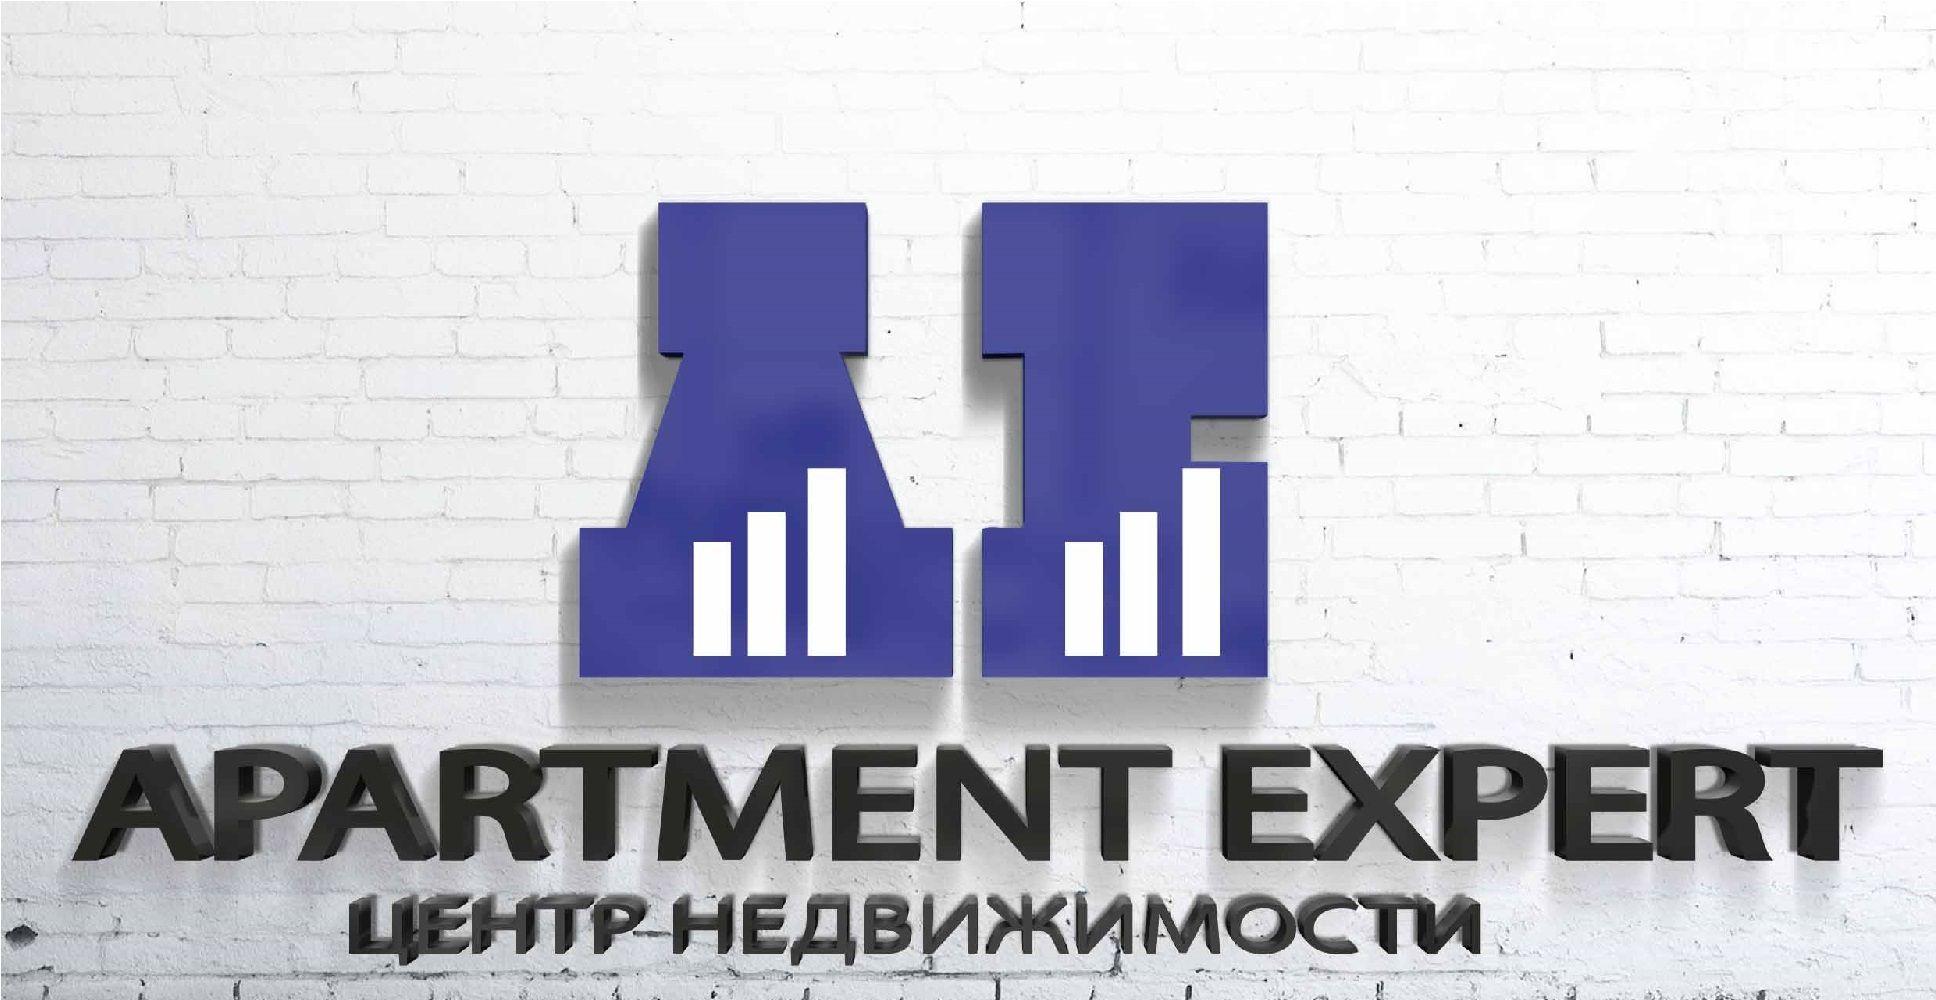 Логотип для APARTMENT EXPERT - ЦЕНТР НЕДВИЖИМОСТИ - дизайнер Rusalam